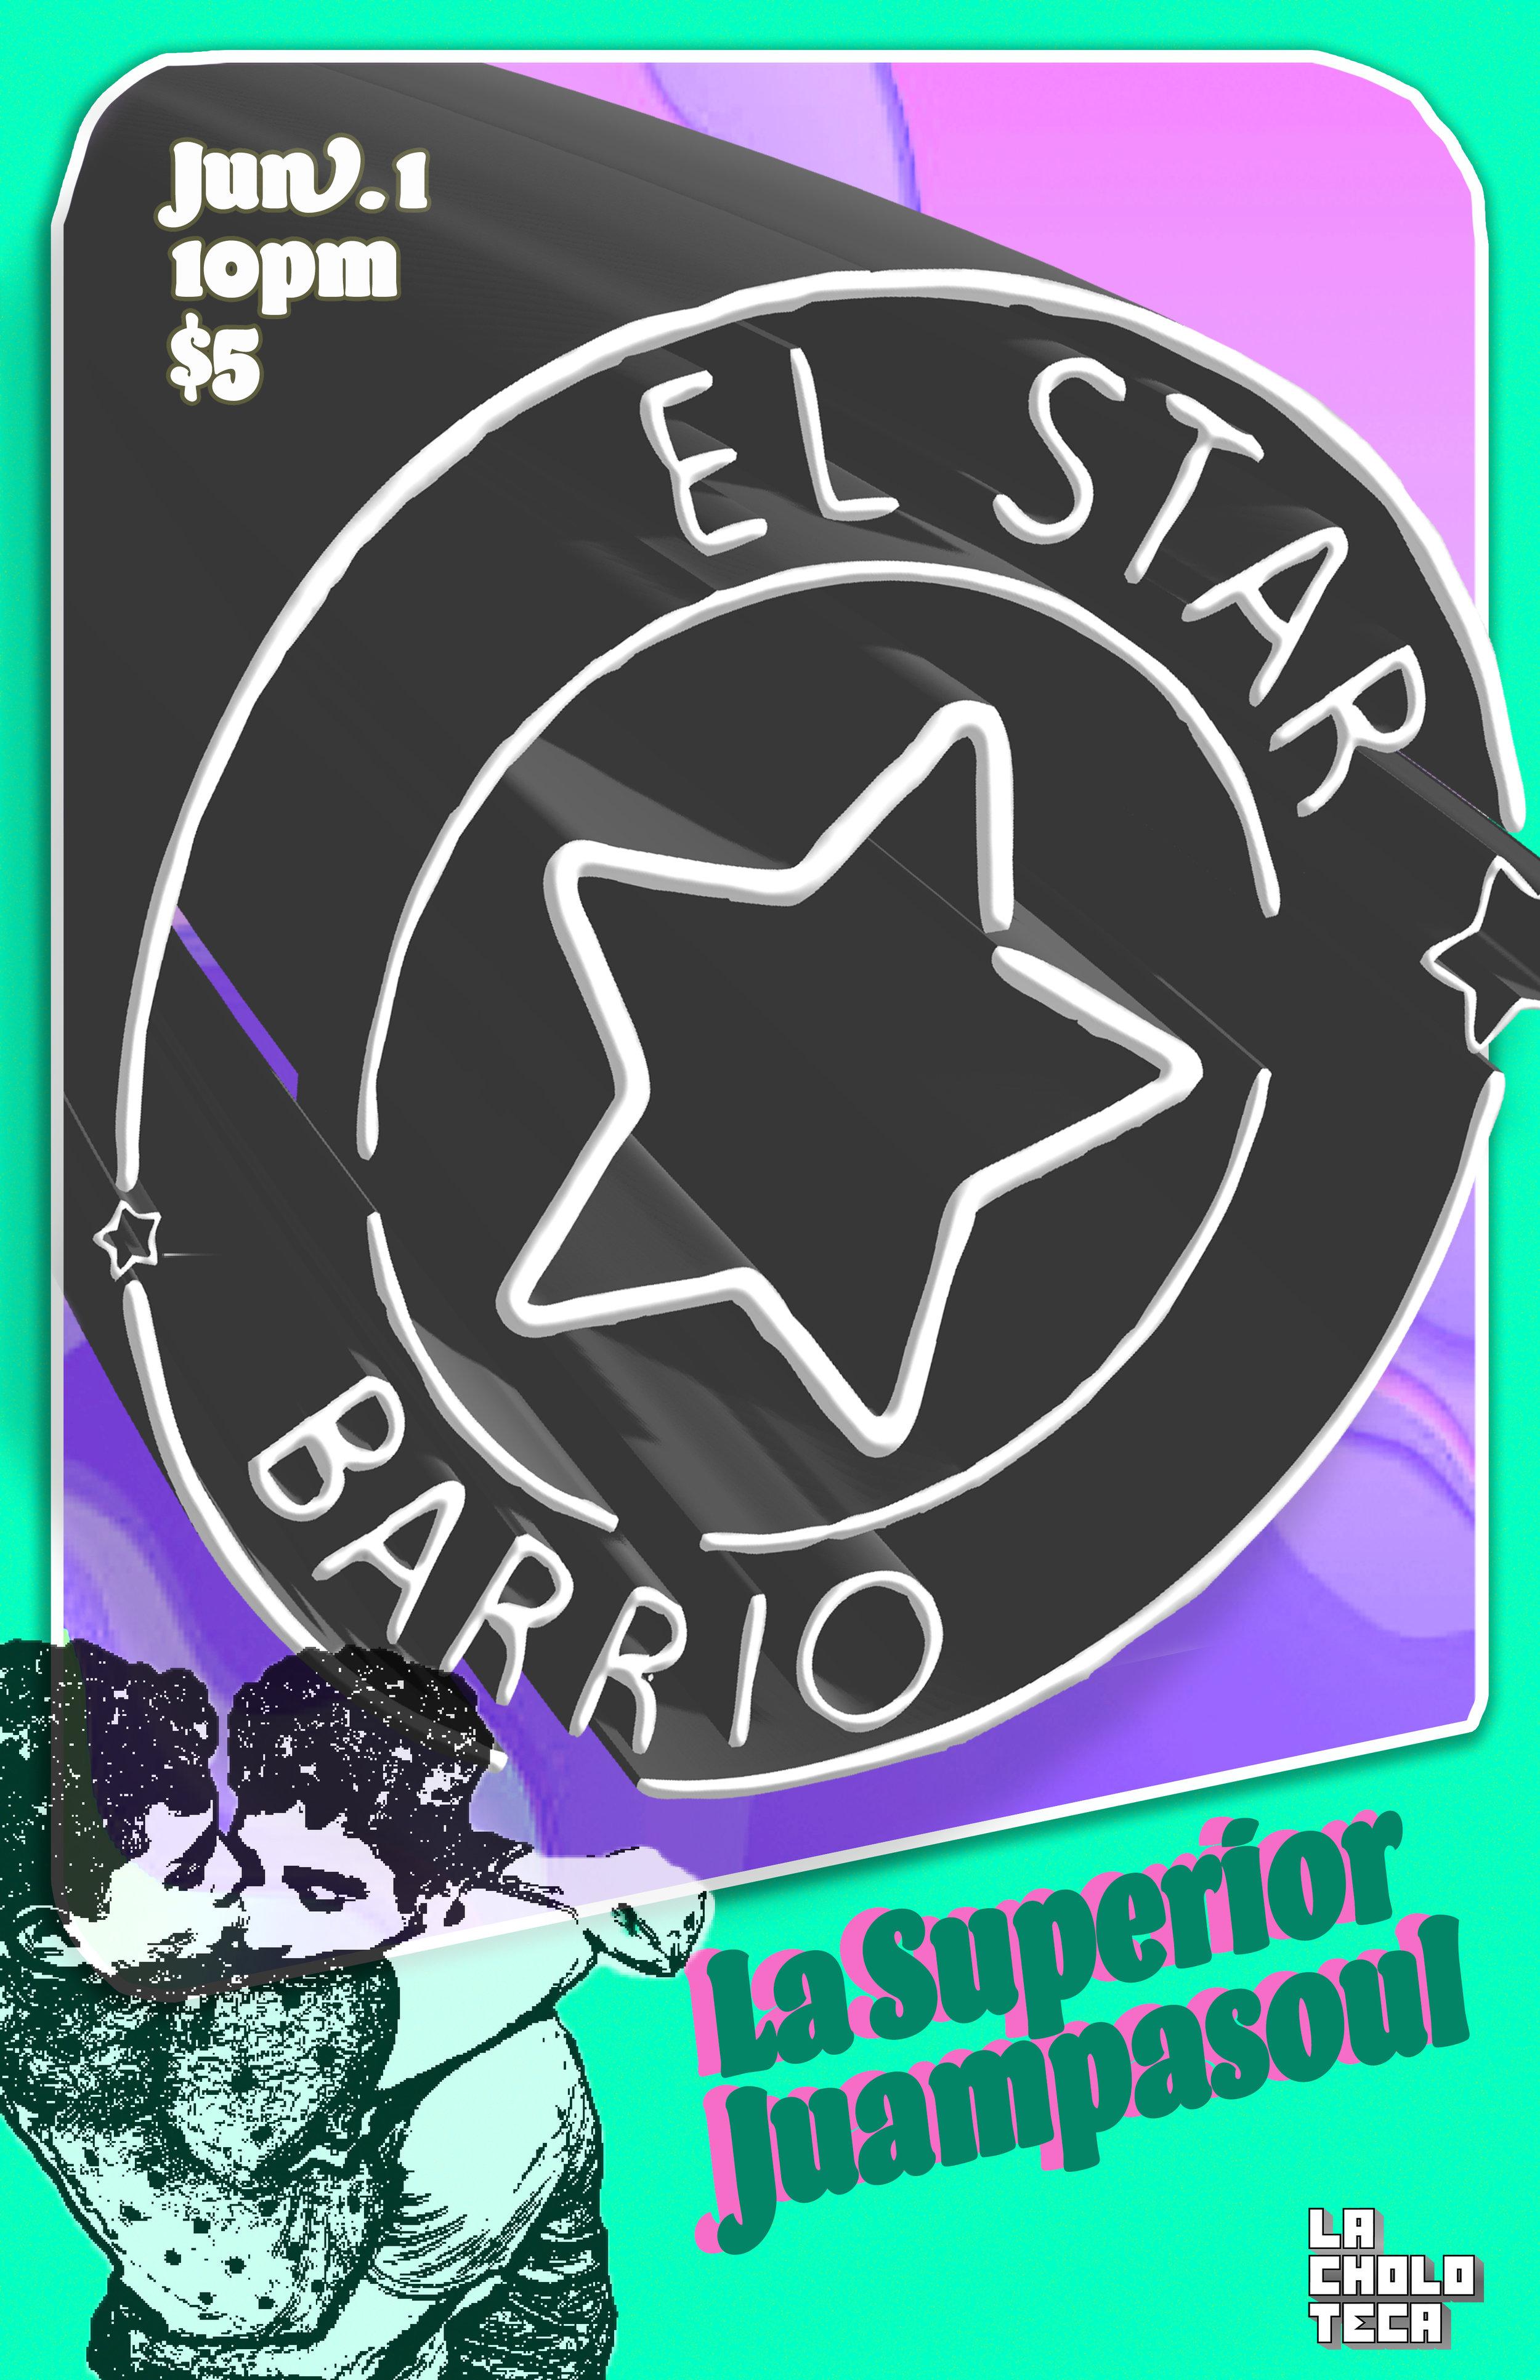 JUNE Starbarrio.jpg